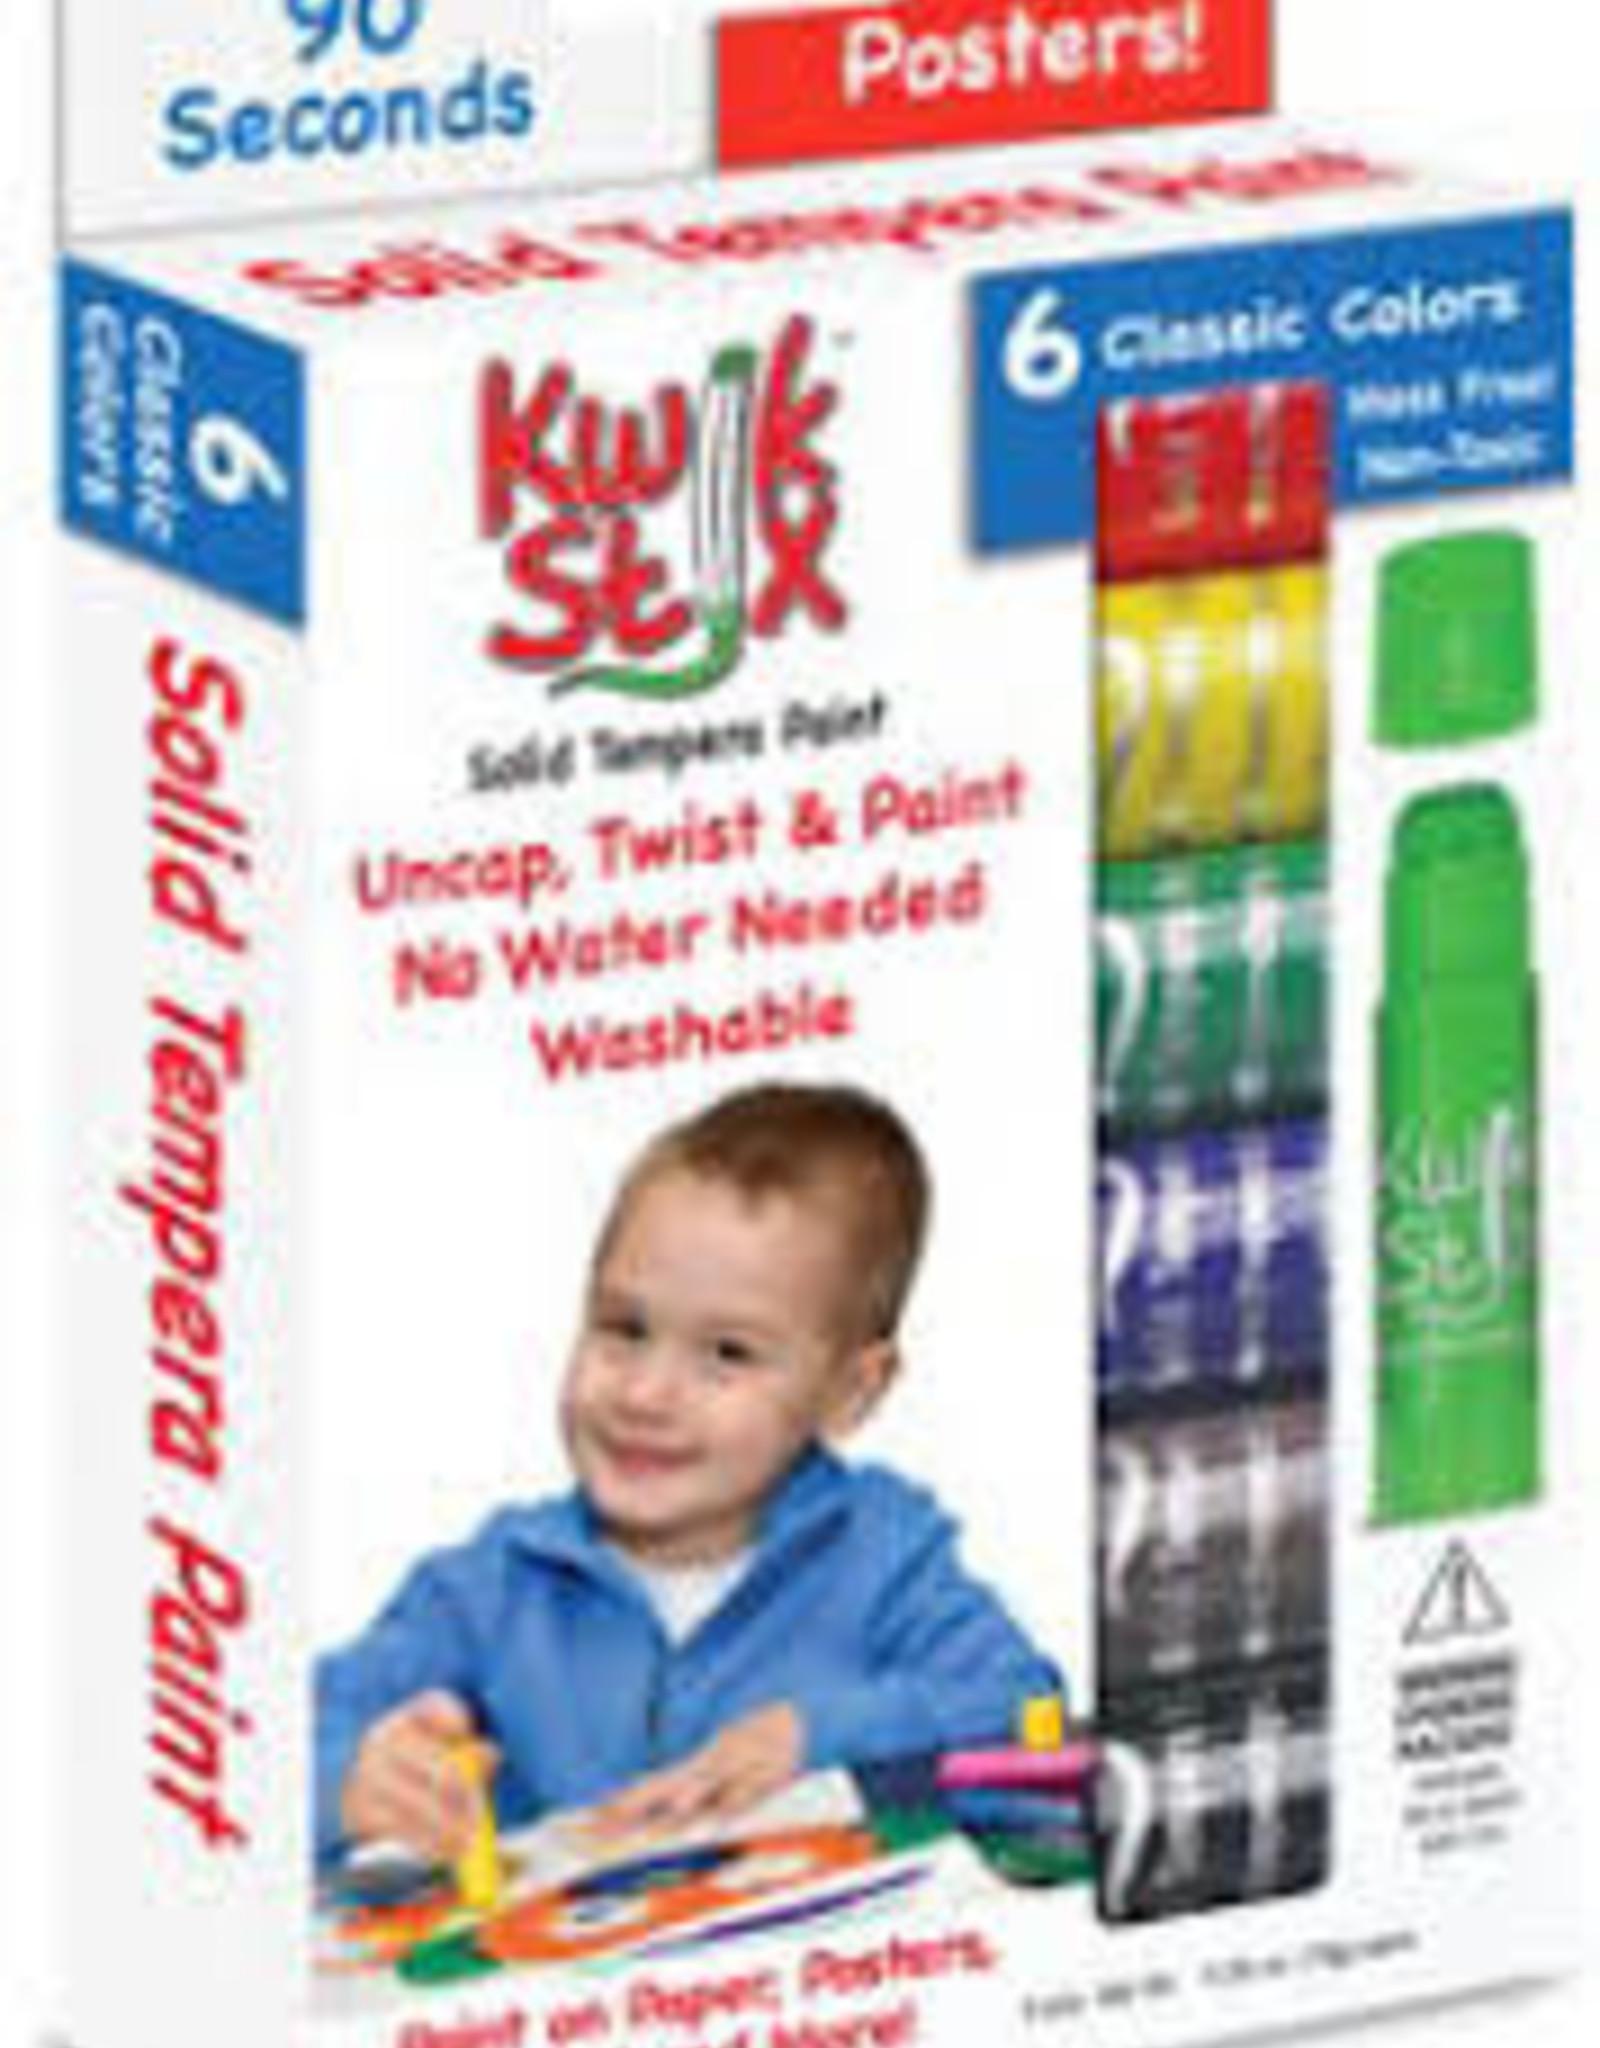 Kwik Stix Paint Stick Classic 6pk